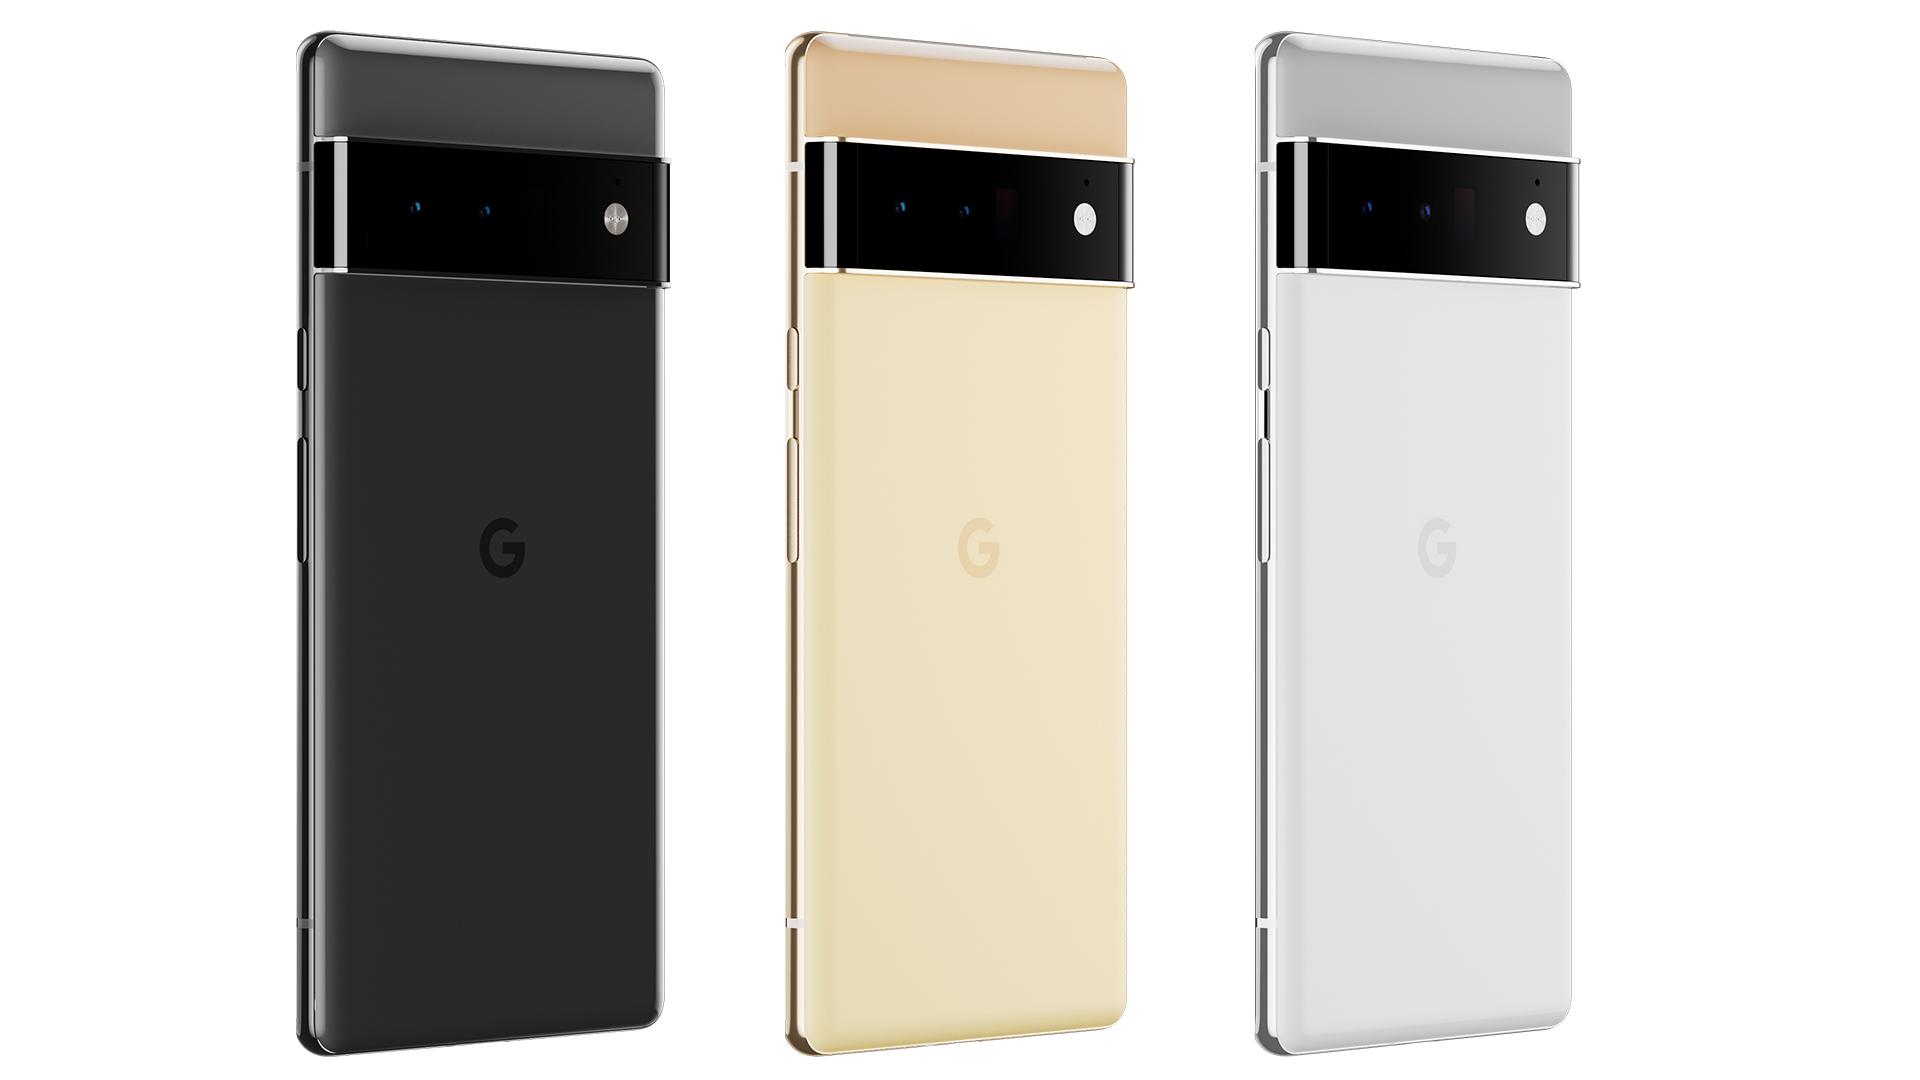 Google Pixel 6 Pro colors